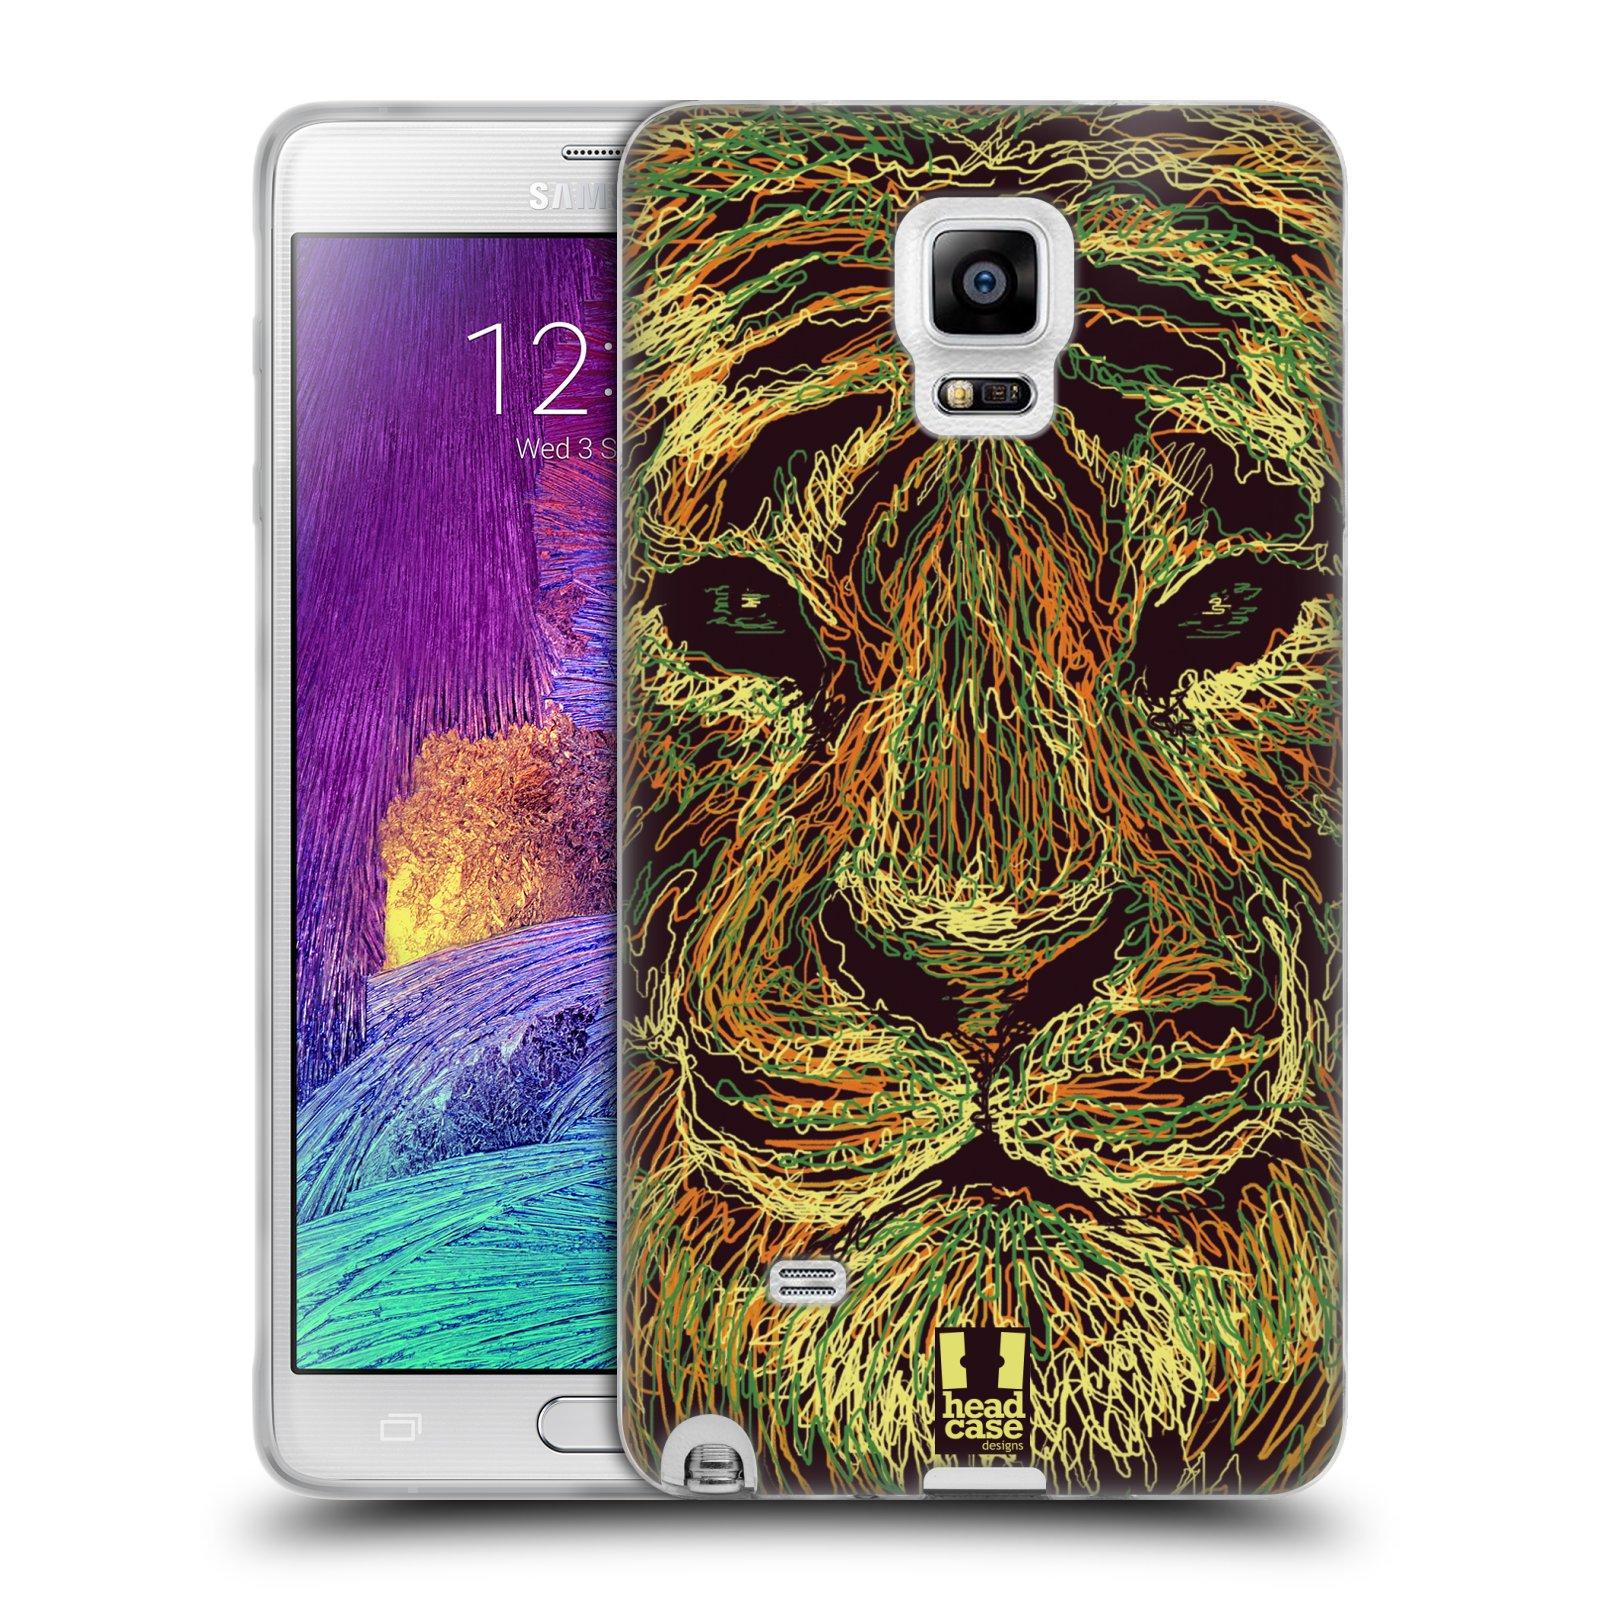 HEAD CASE silikonový obal na mobil Samsung Galaxy Note 4 (N910) vzor zvíře čmáranice tygr